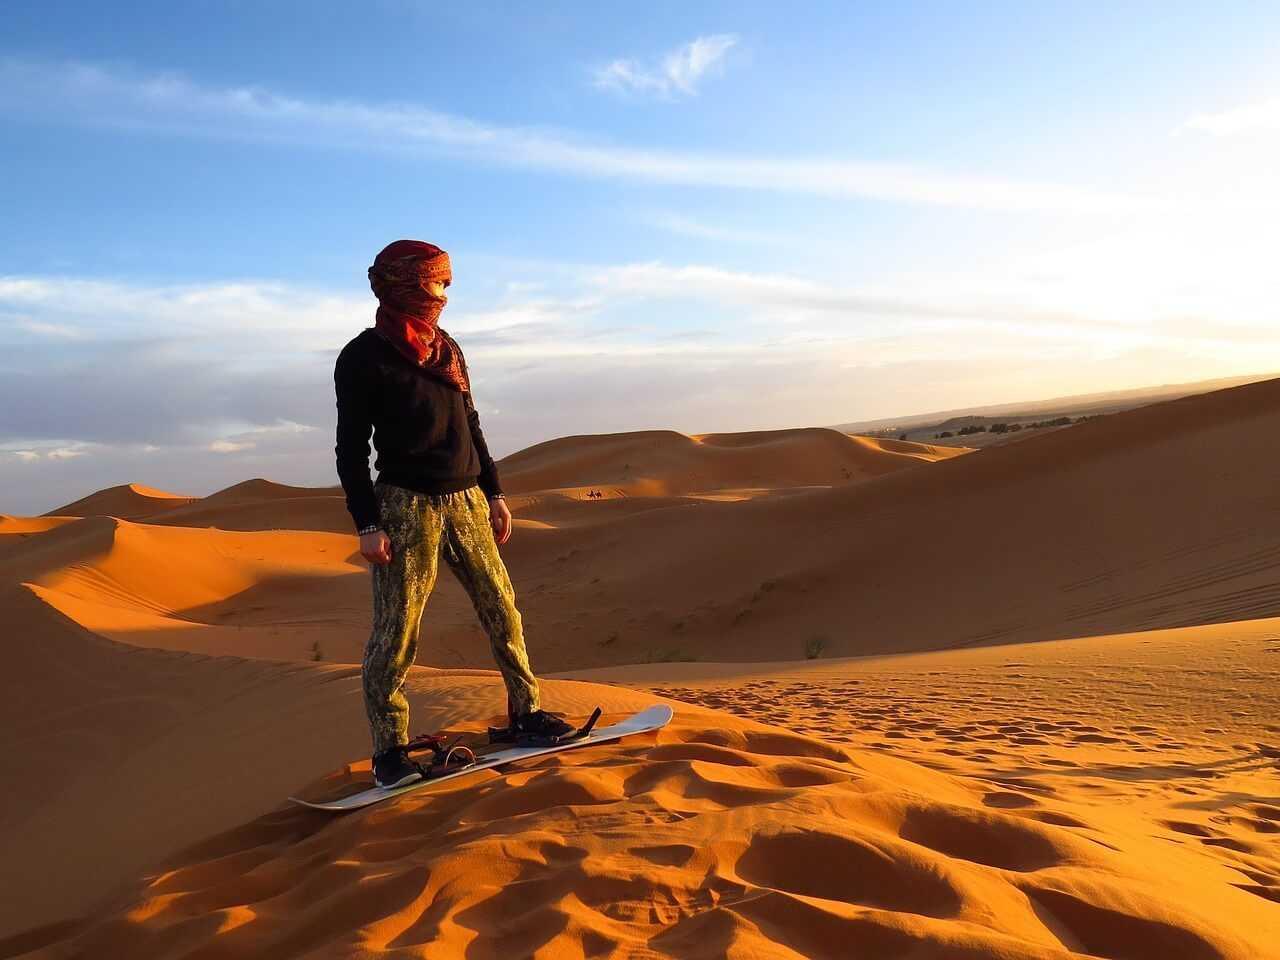 morocco desert tours - sand boarding